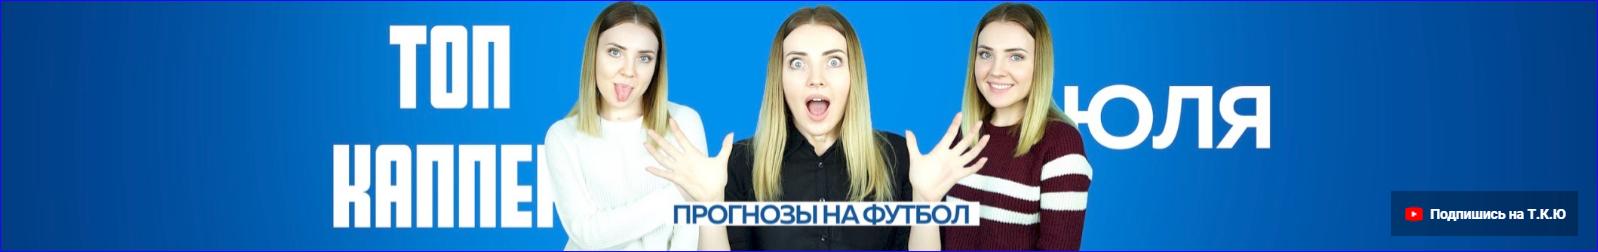 Шапка Youtube-канала